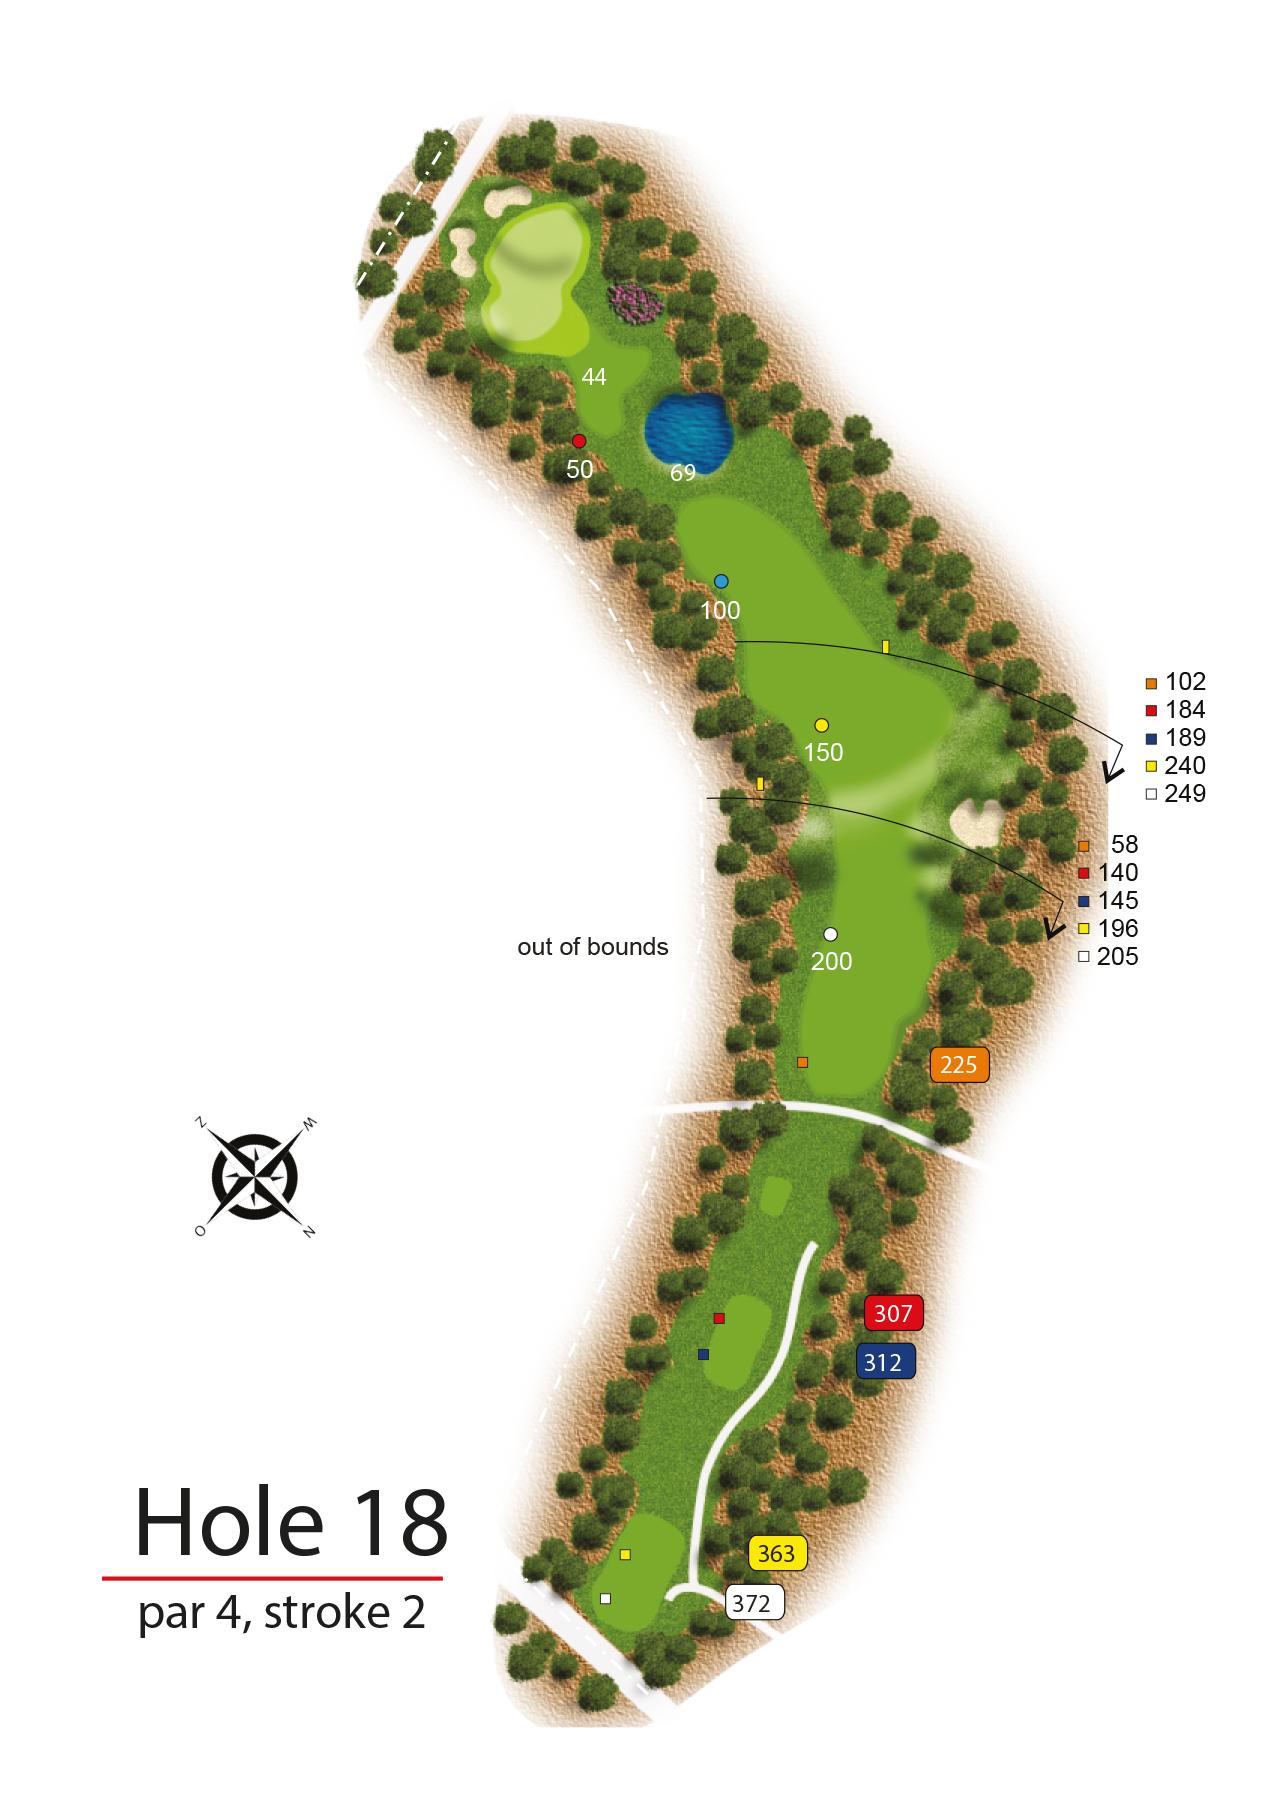 Hole 18 - simple